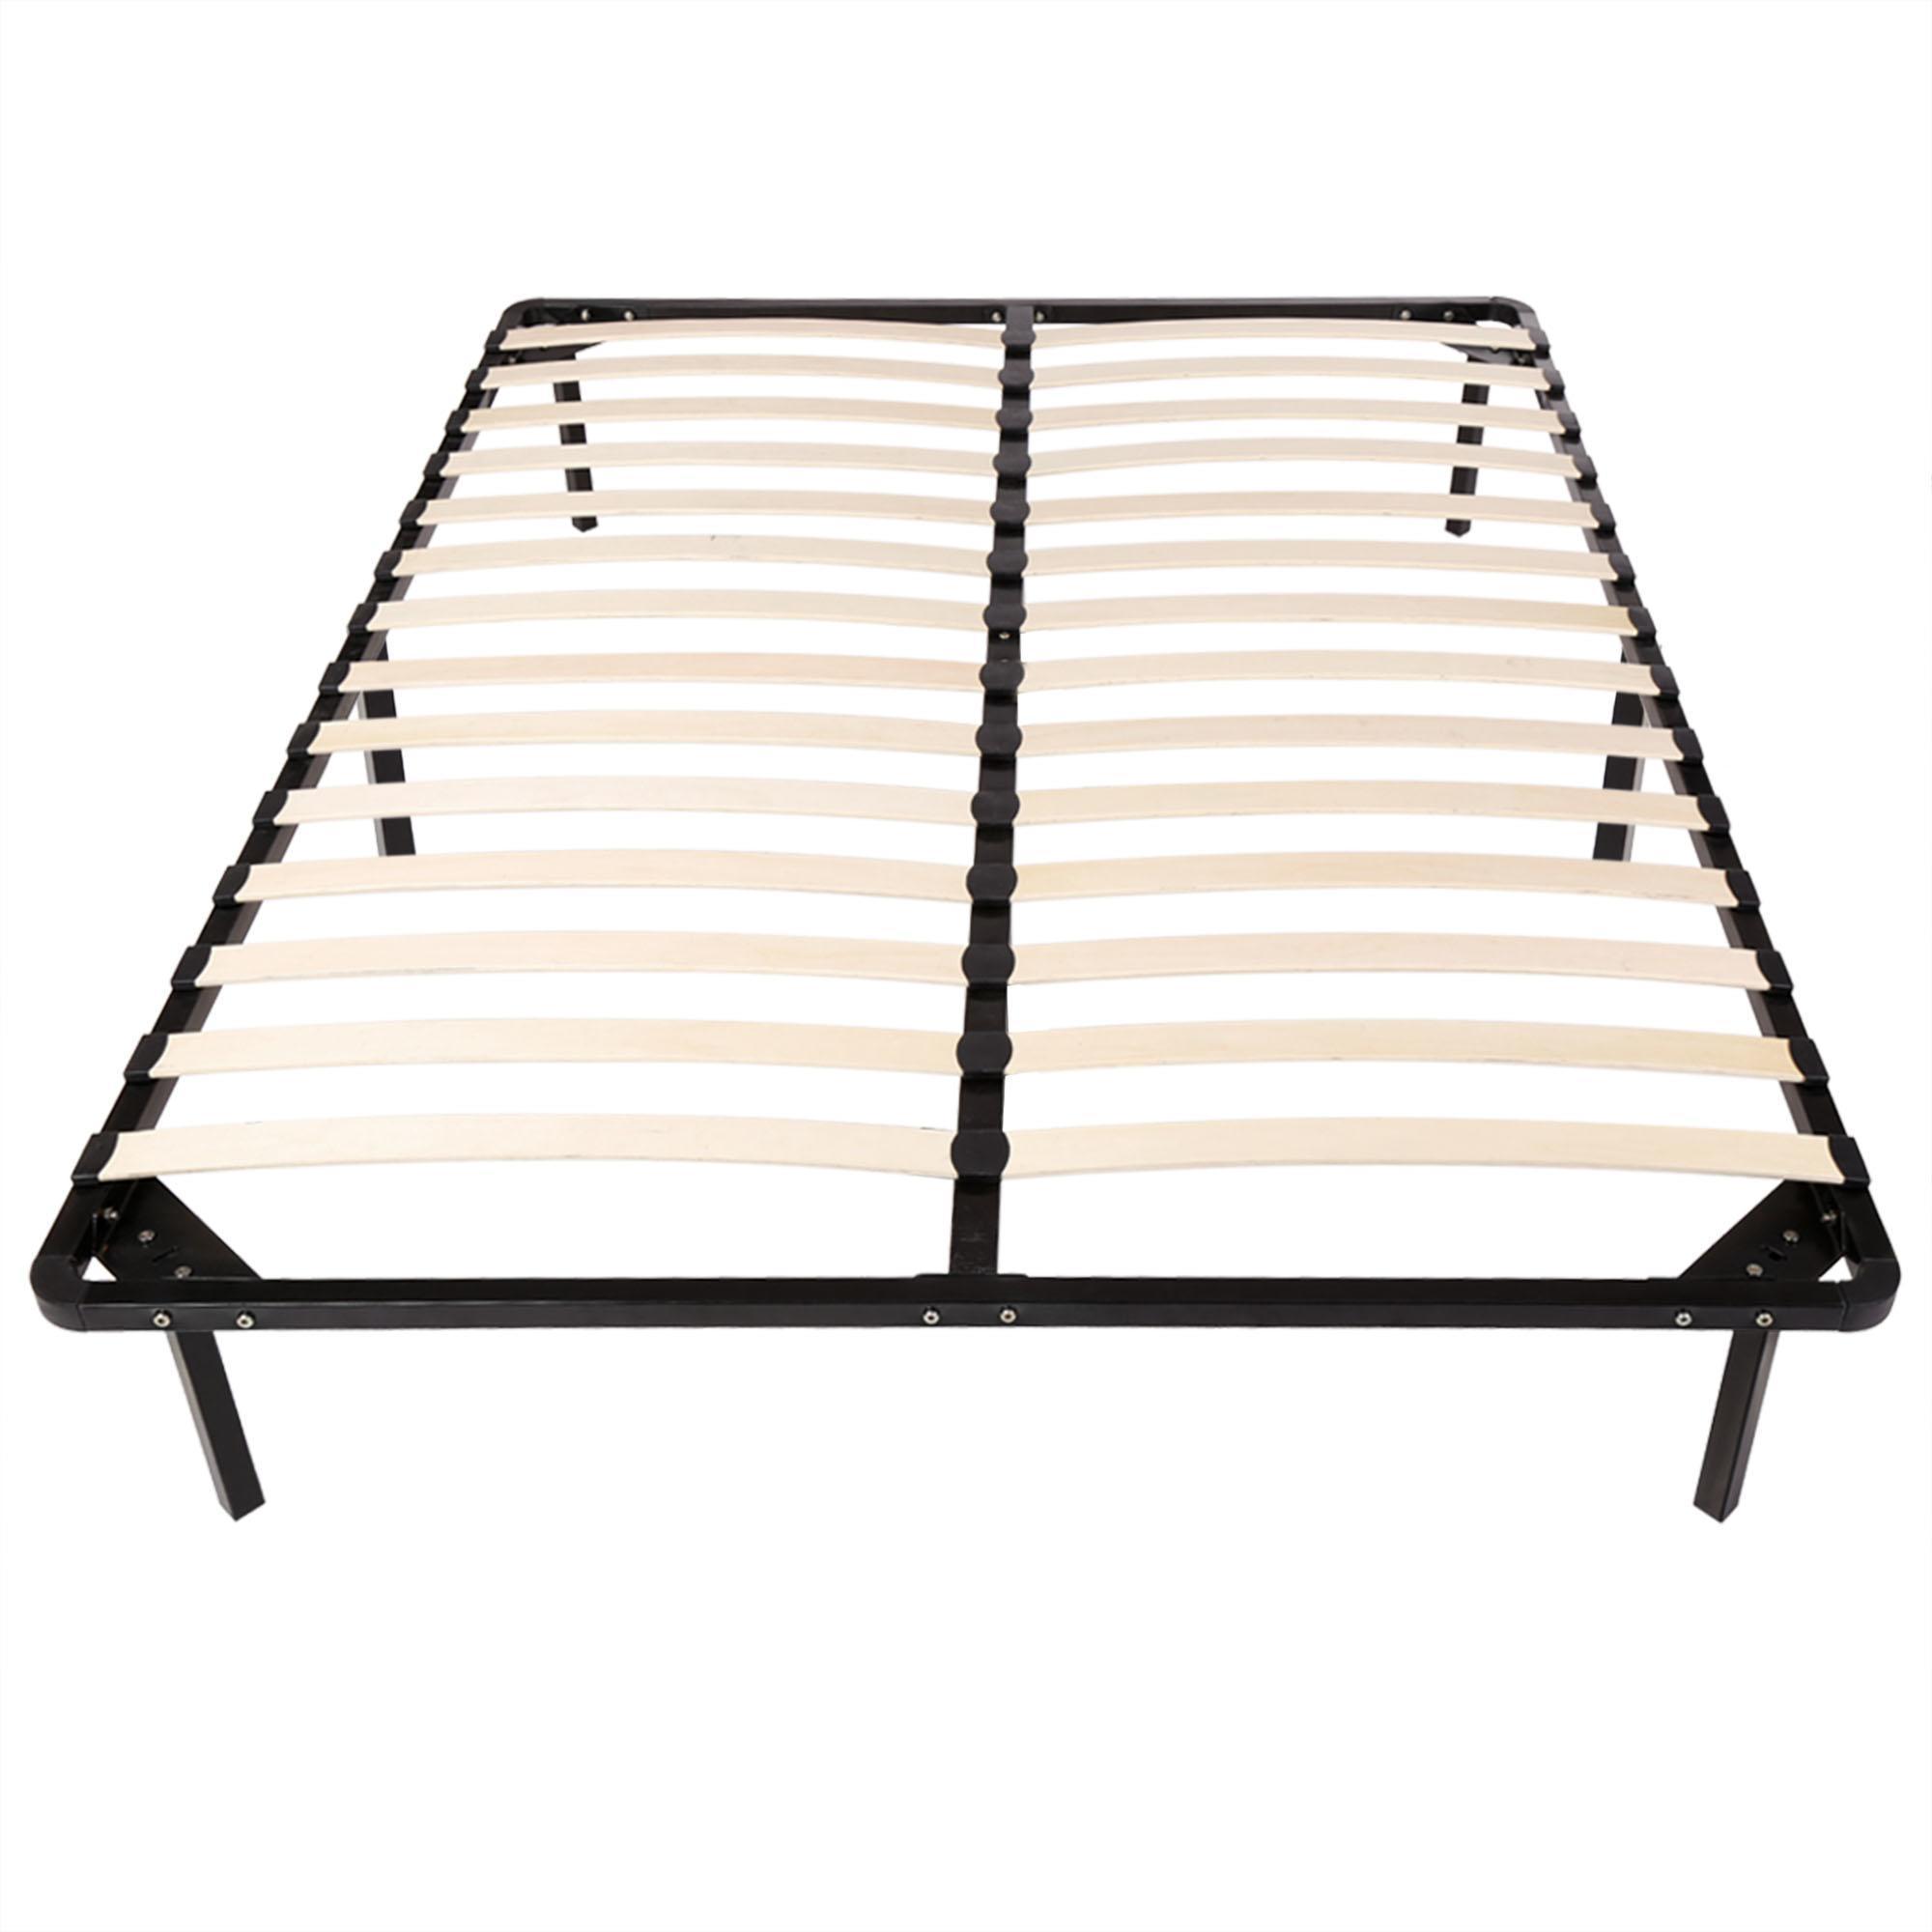 Forme De Lit à Coucher En Bois : Meuble de chambre lit grand bois lattes plate forme